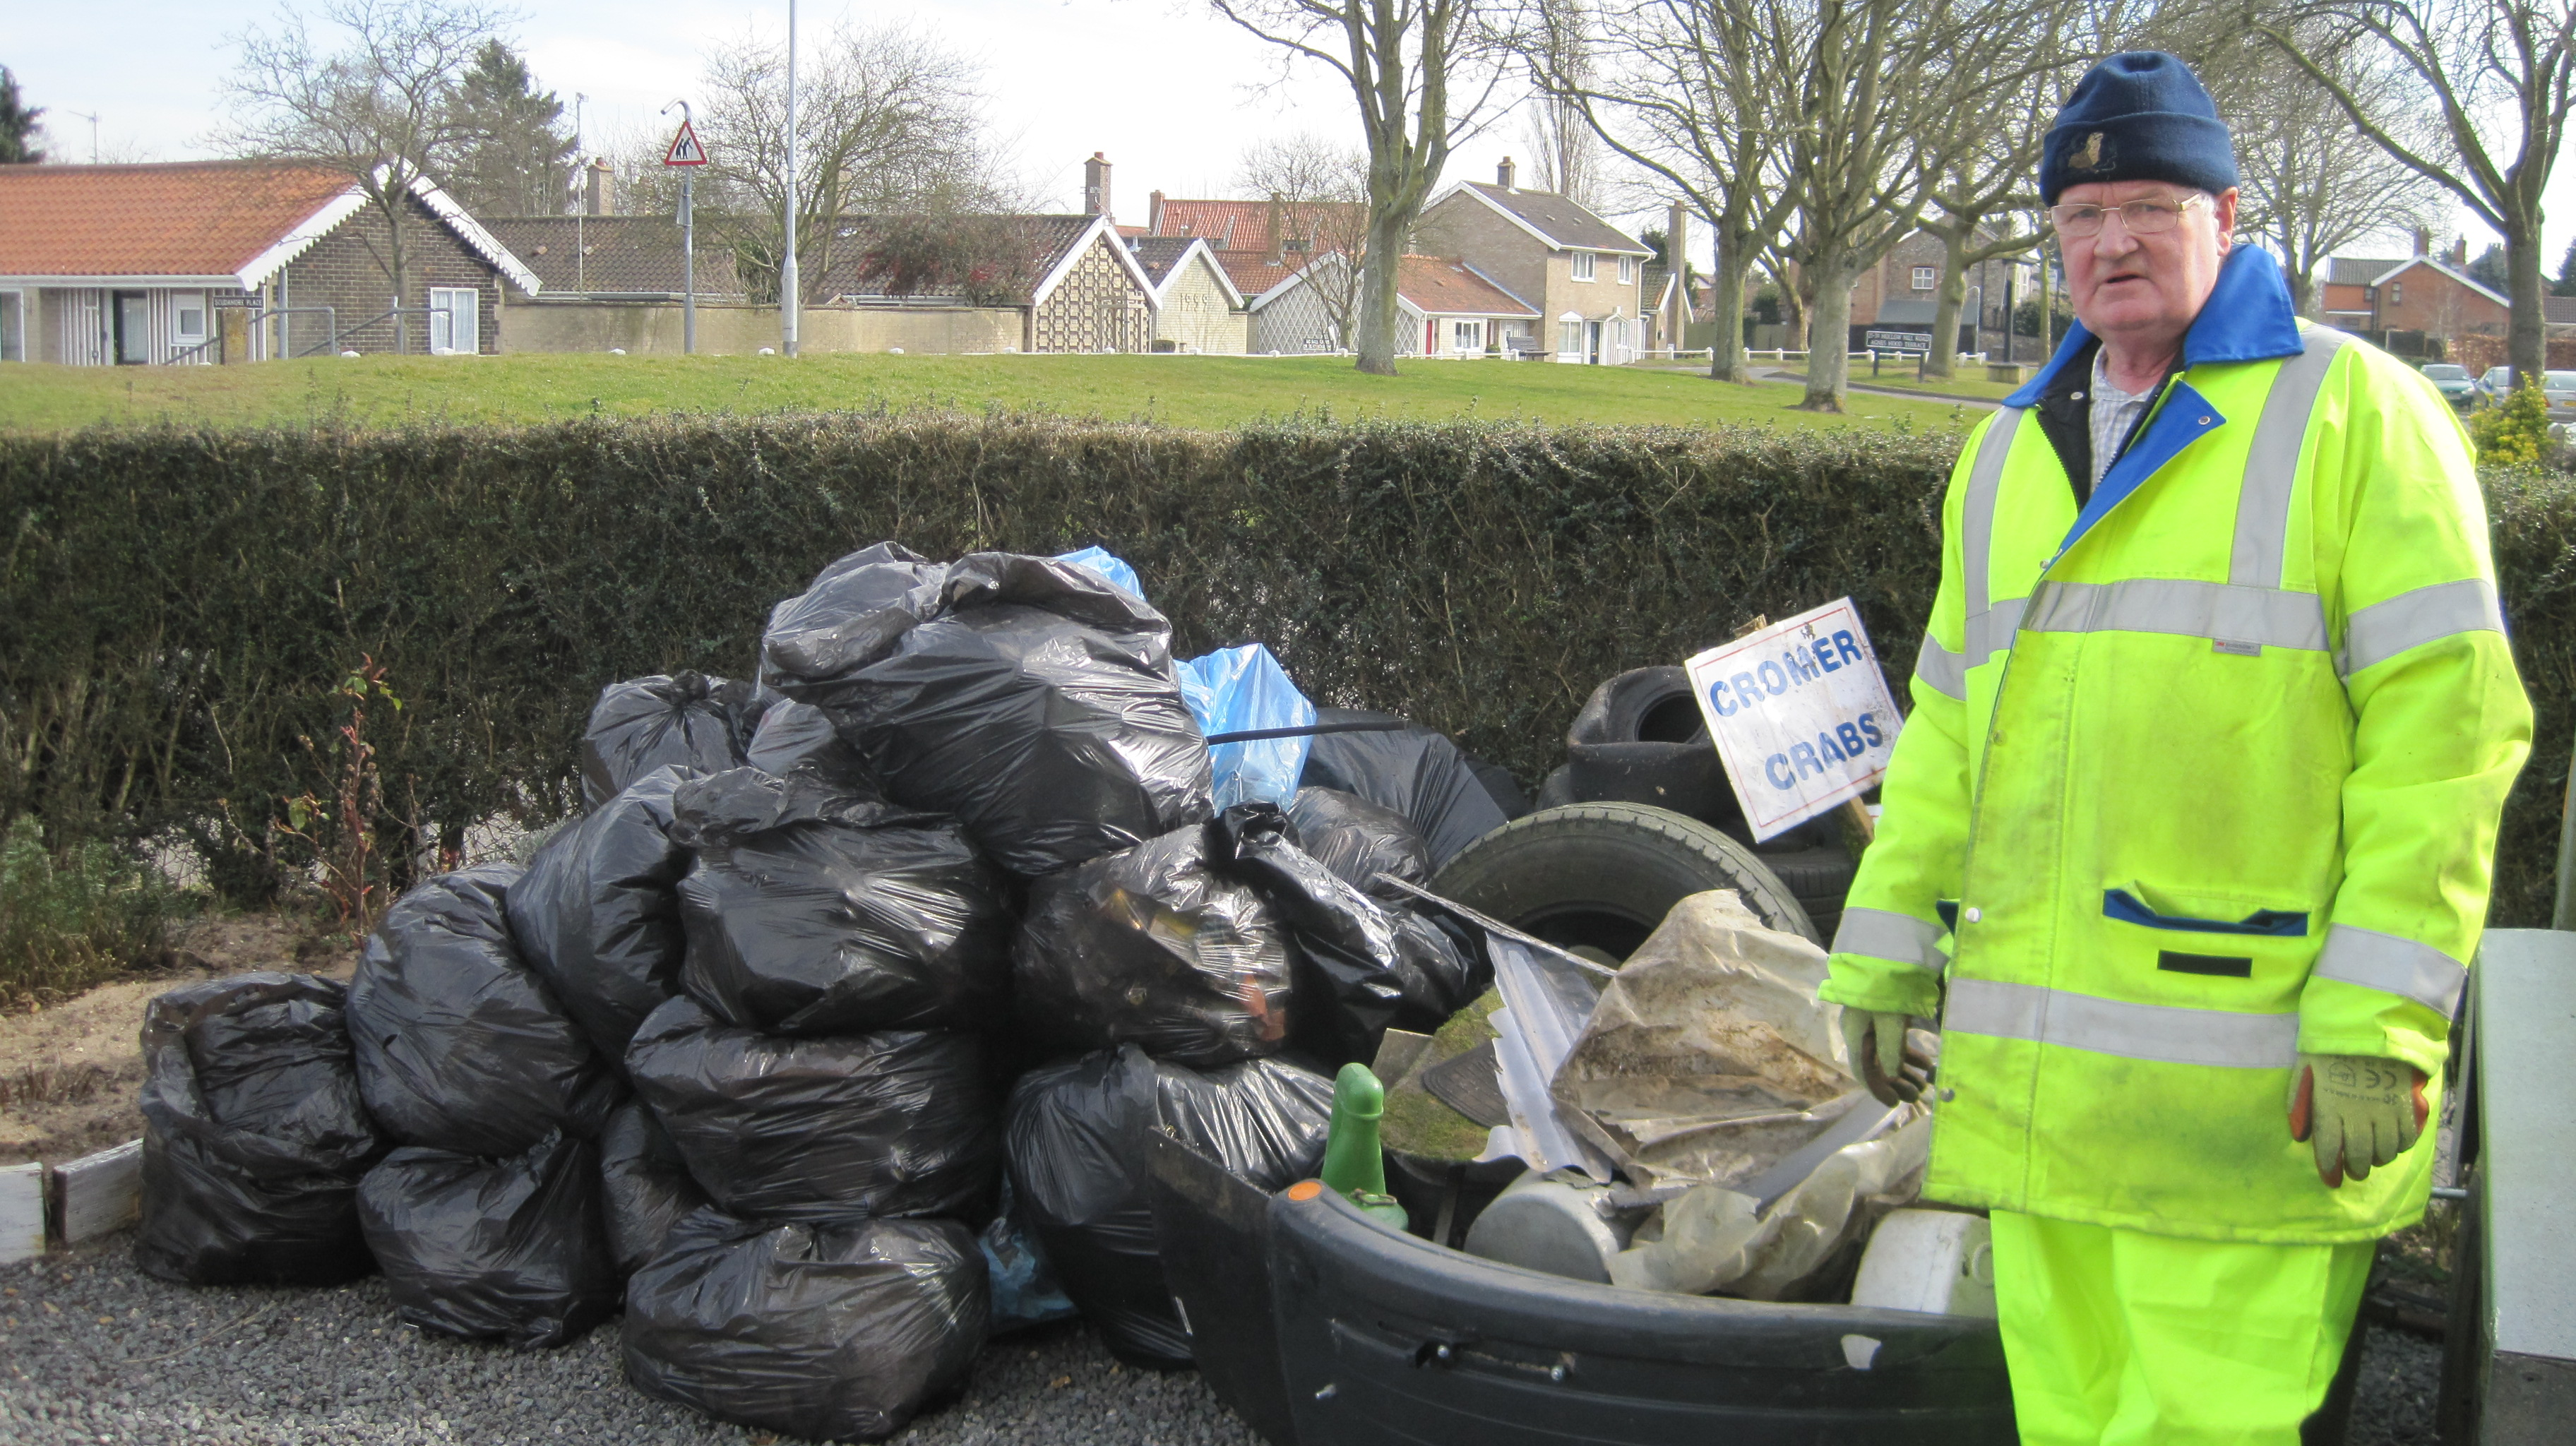 Litter Pick Volunteer 2015